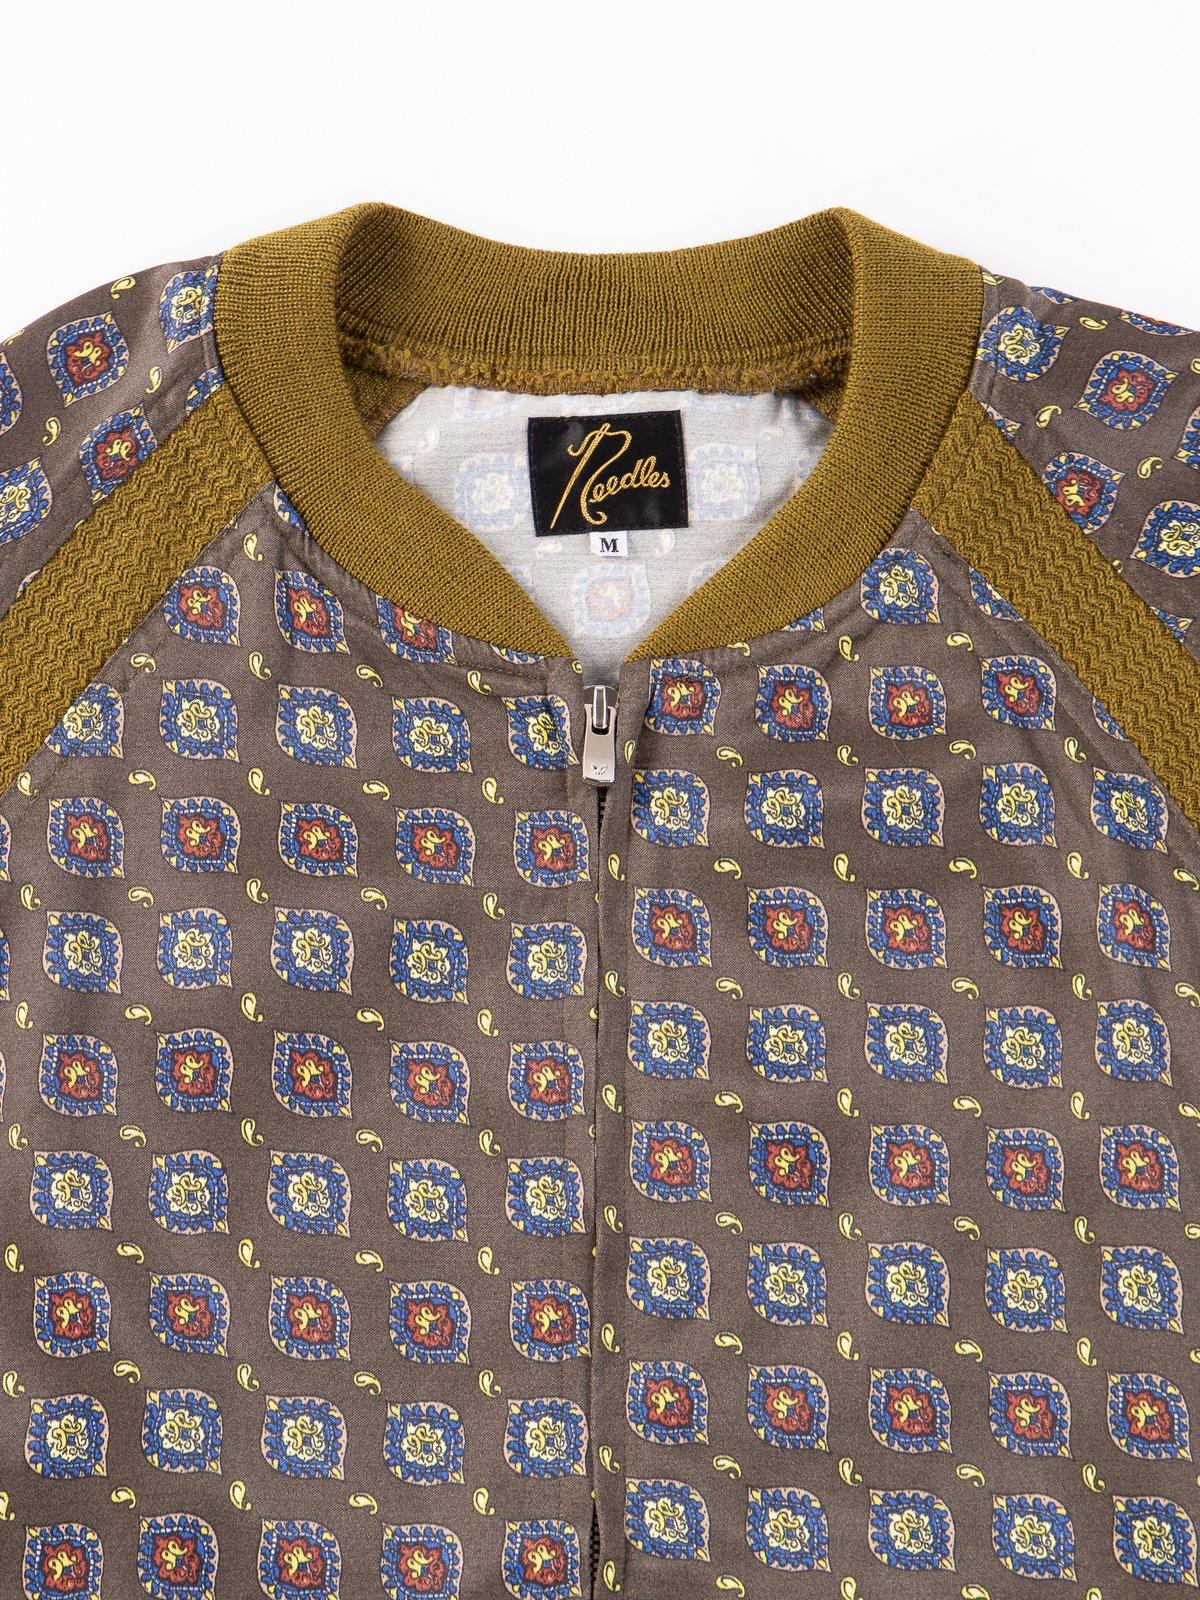 Olive Fine Pattern Sateen W.S.S. Jacket - Image 2